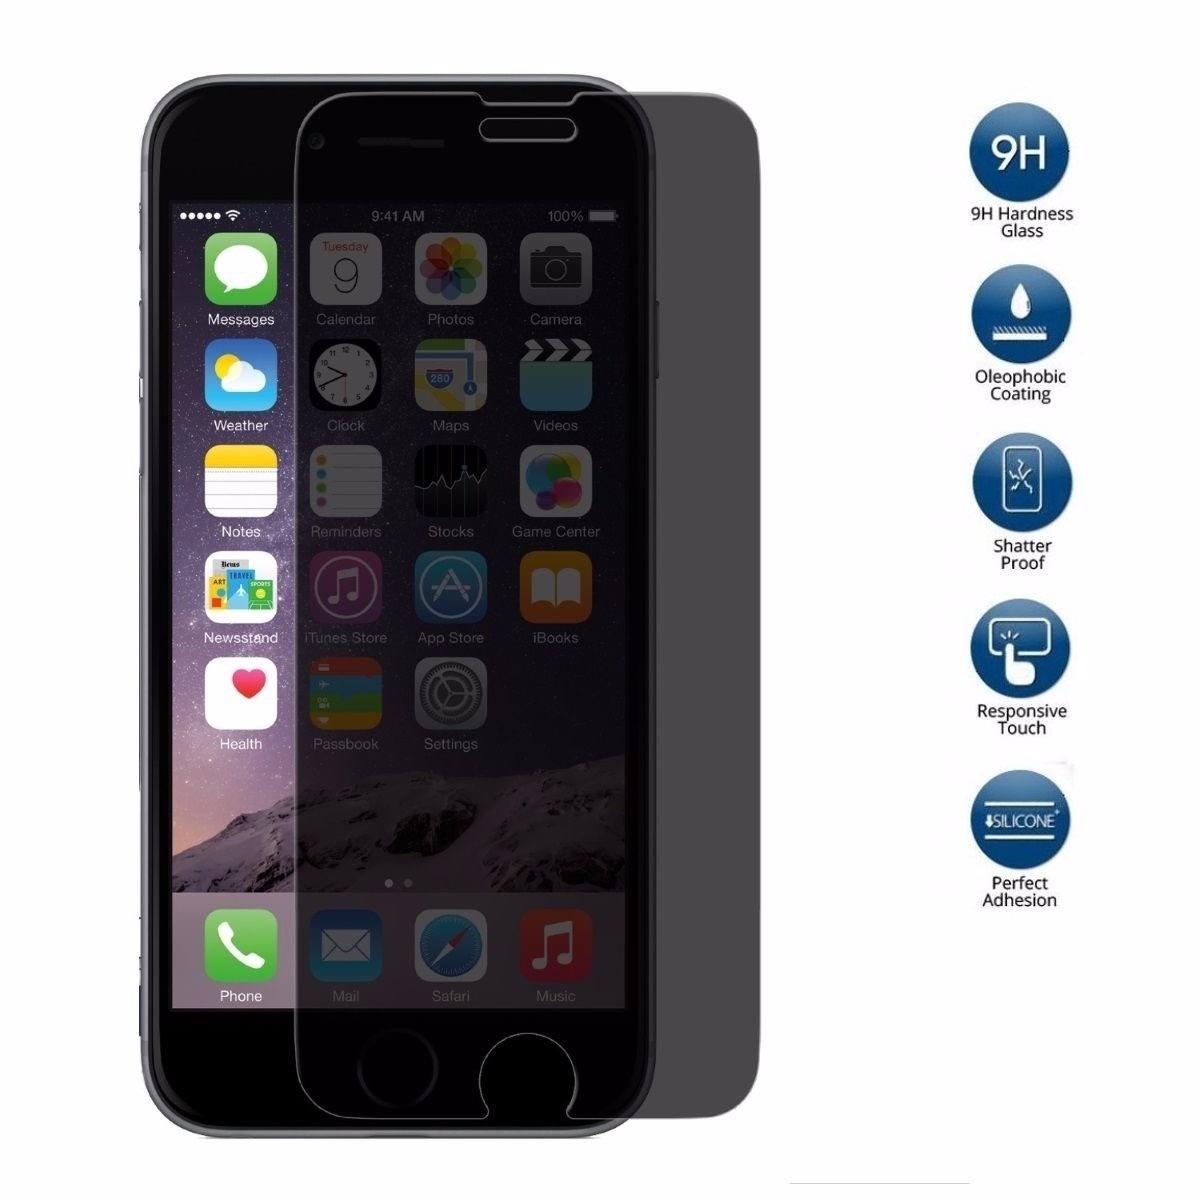 ca76bcecfa5 Vidrio Templado Protector Anti Espia Para iPhone 6, 6s - $ 149,00 en ...